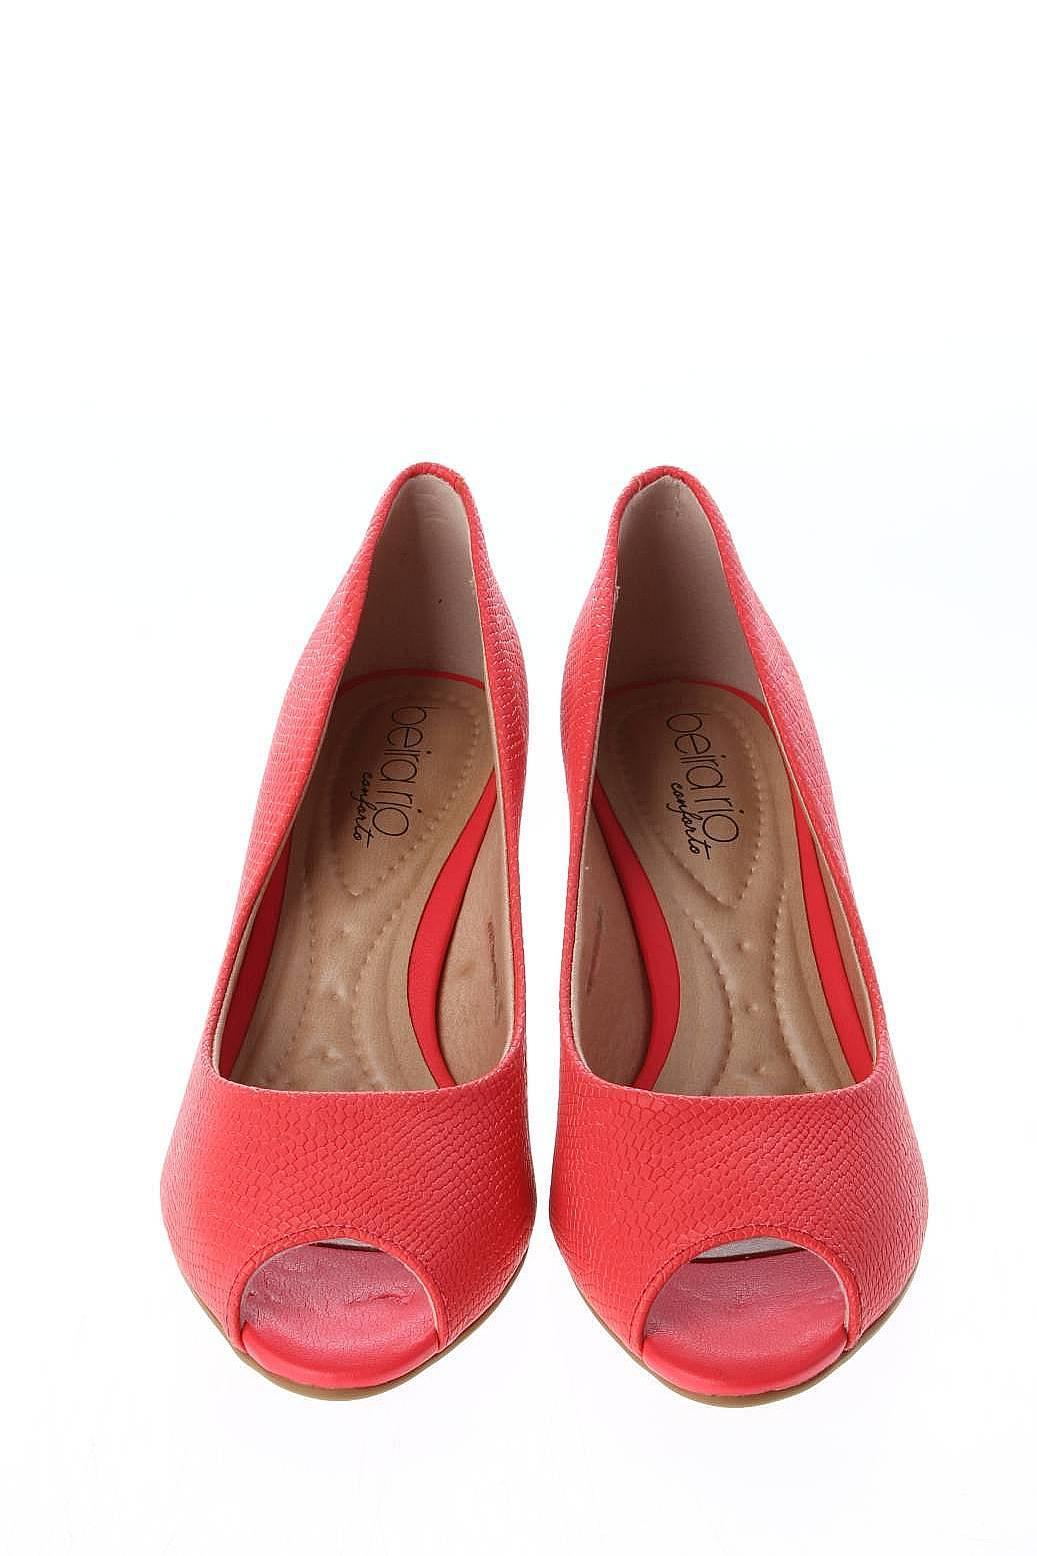 Мужская Обувь Детская Обувь Женская Обувь Туфли Открытые: BEIRA RIO Обувь